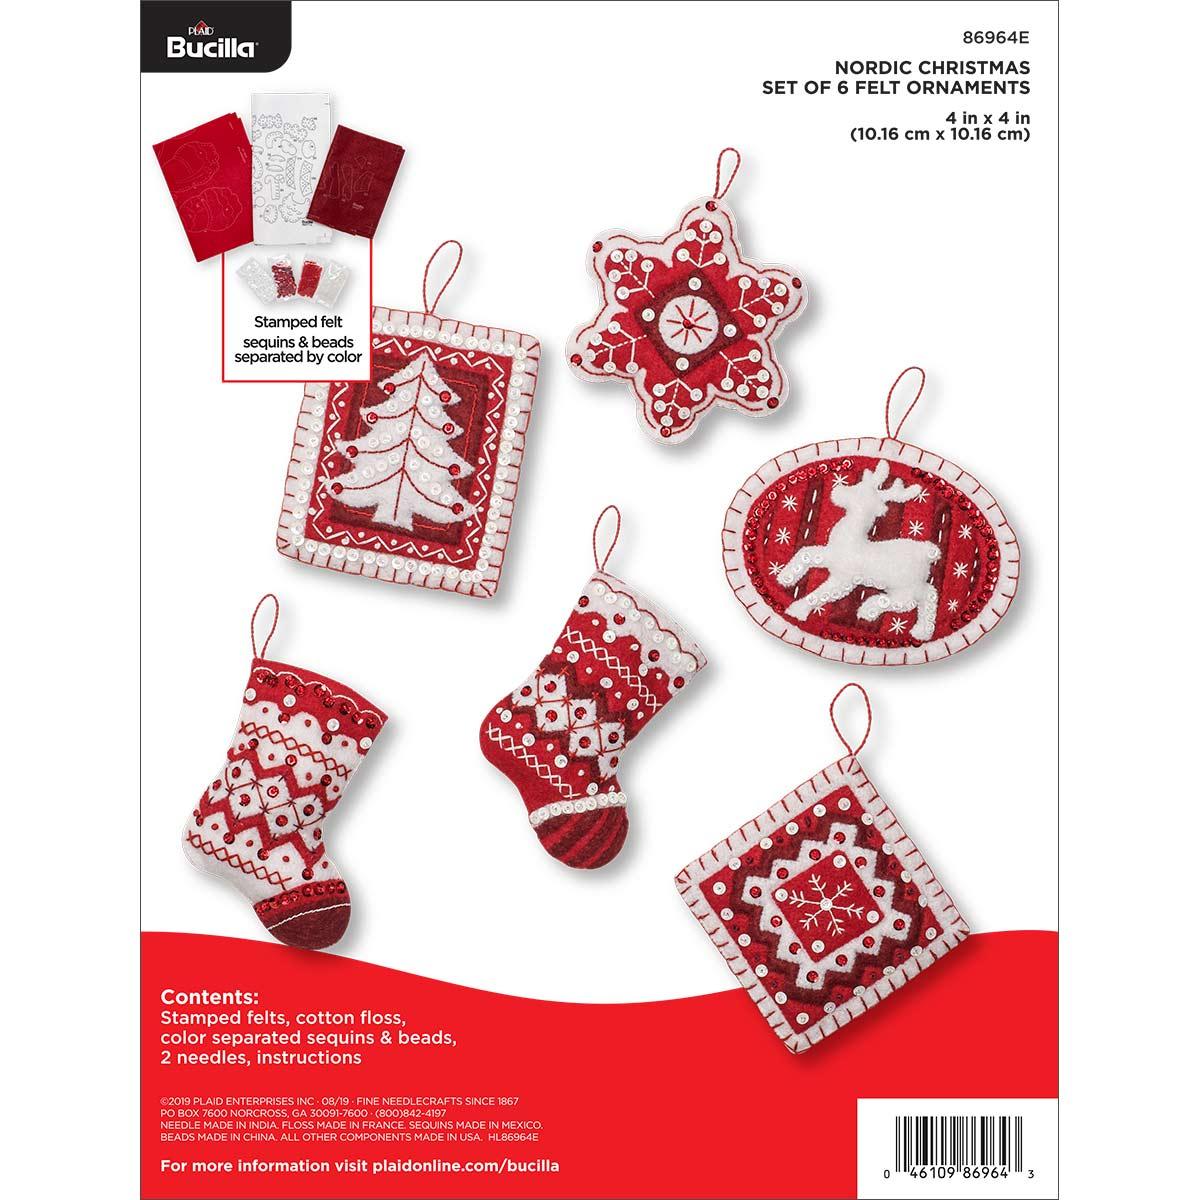 Bucilla ® Seasonal - Felt - Ornament Kits - Nordic Christmas - 86964E